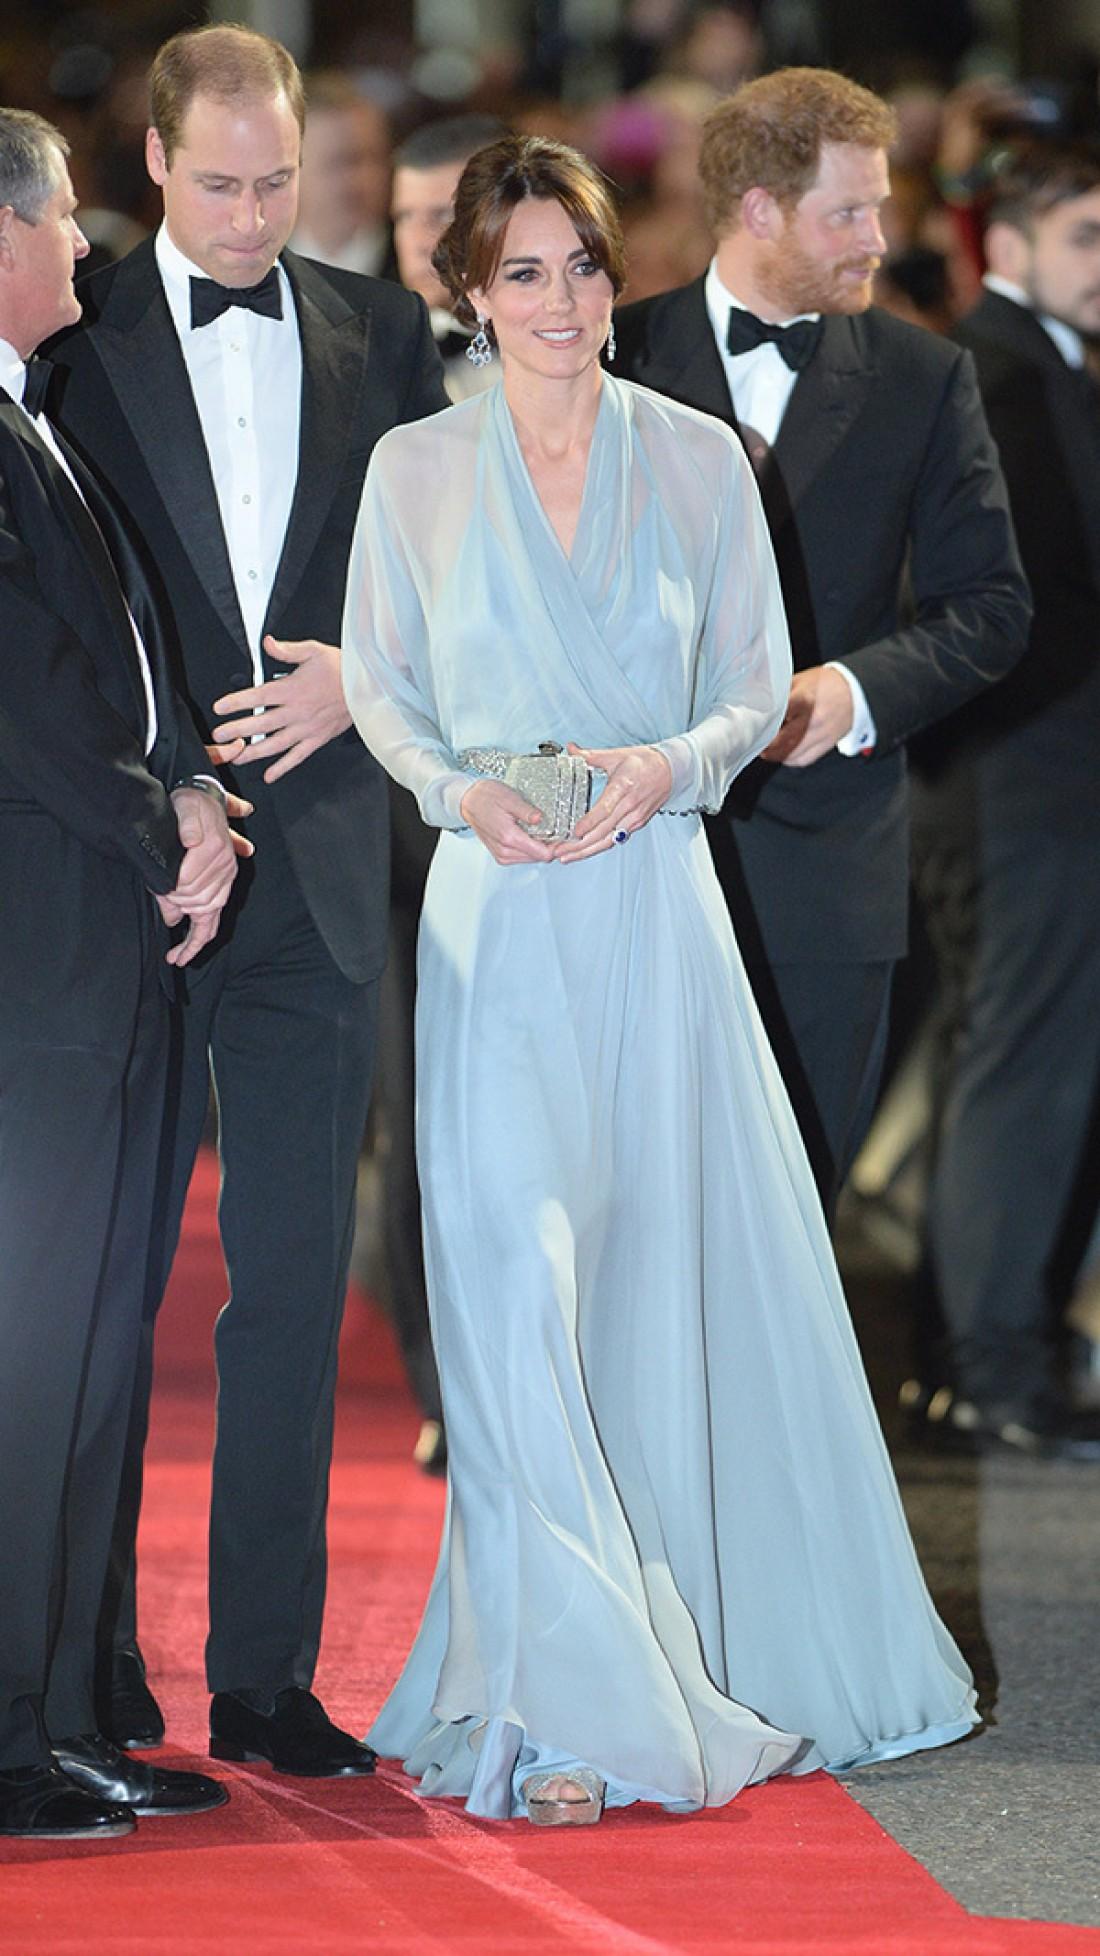 Кейт Миддлтон, принц Уильям и Гарри посетили премьеру фильма 007: Спектр